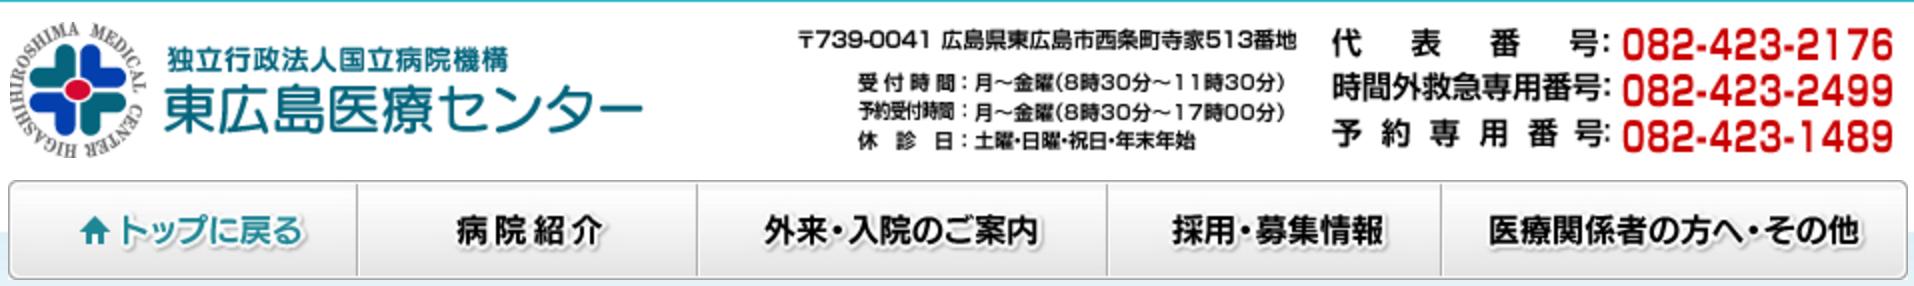 国立病院機構東広島医療センター